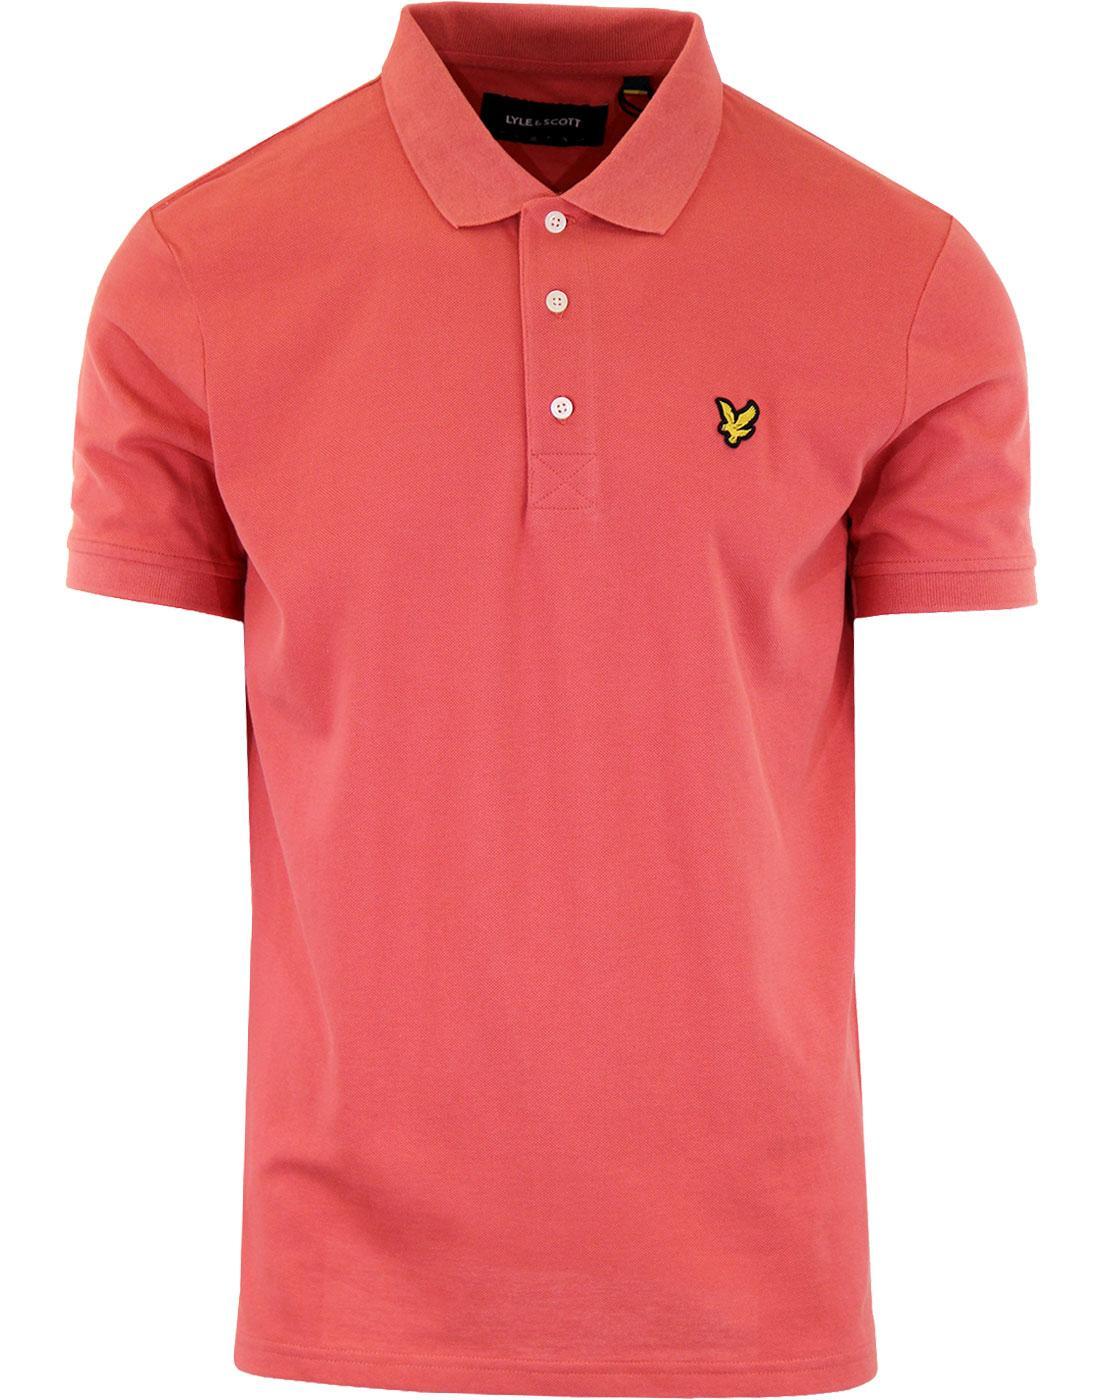 LYLE & SCOTT Mod Pique Polo Shirt (Sunset Pink)